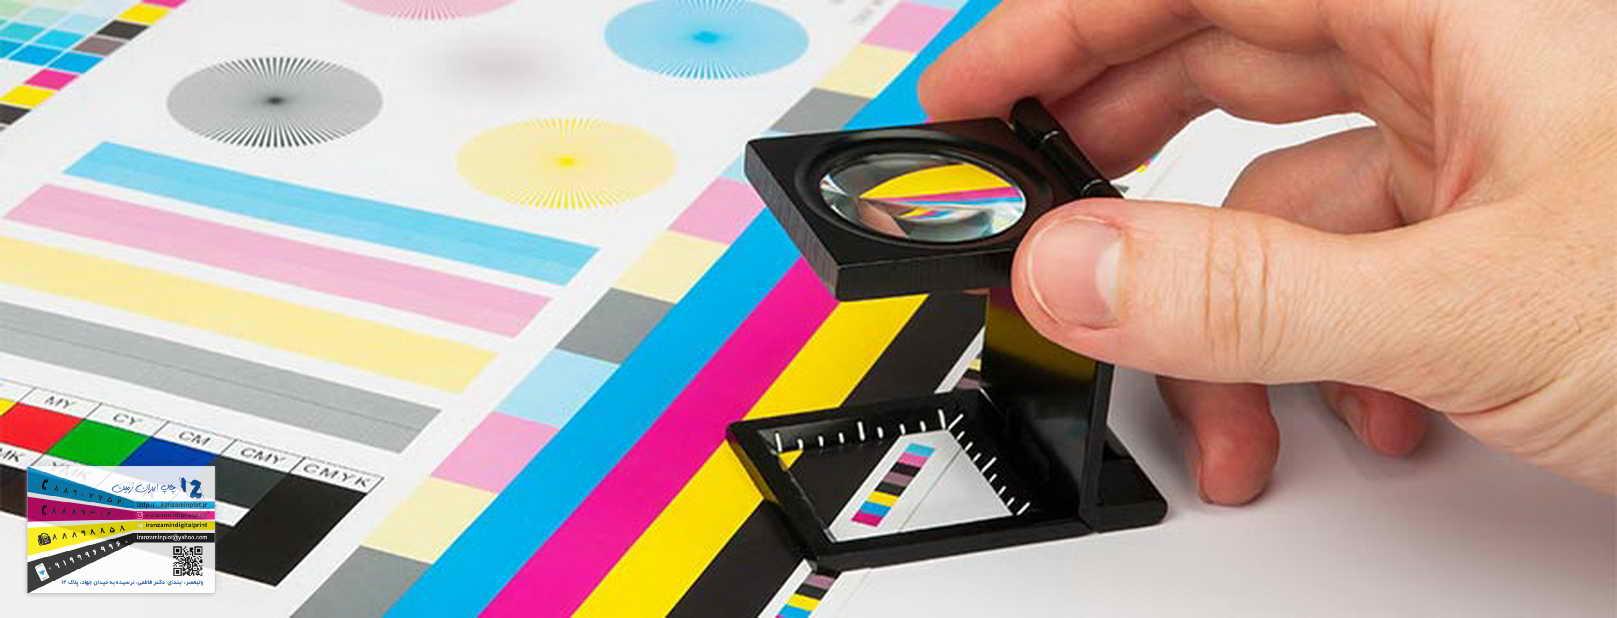 چاپ دیجیتال چیست؟